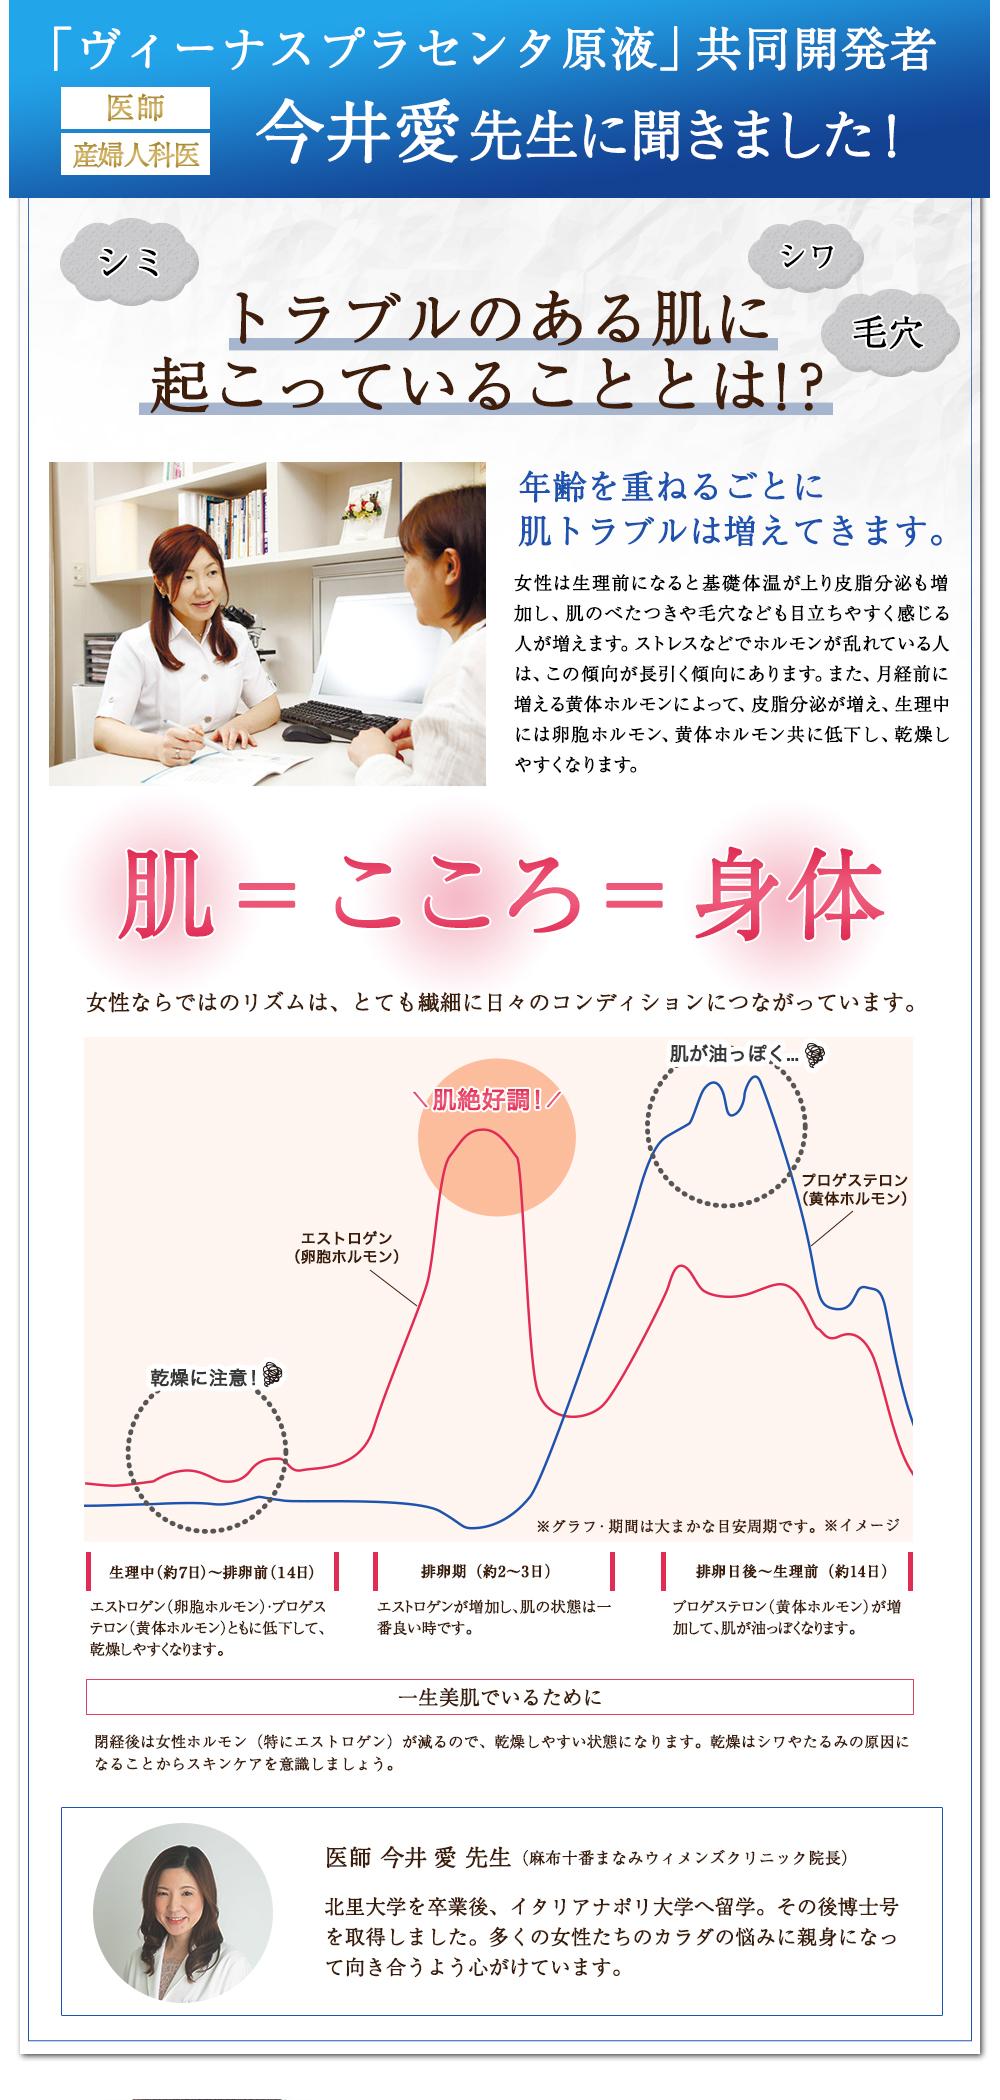 「ヴィーナスプラセンタ原液」共同開発者今井愛先生に聞きました!